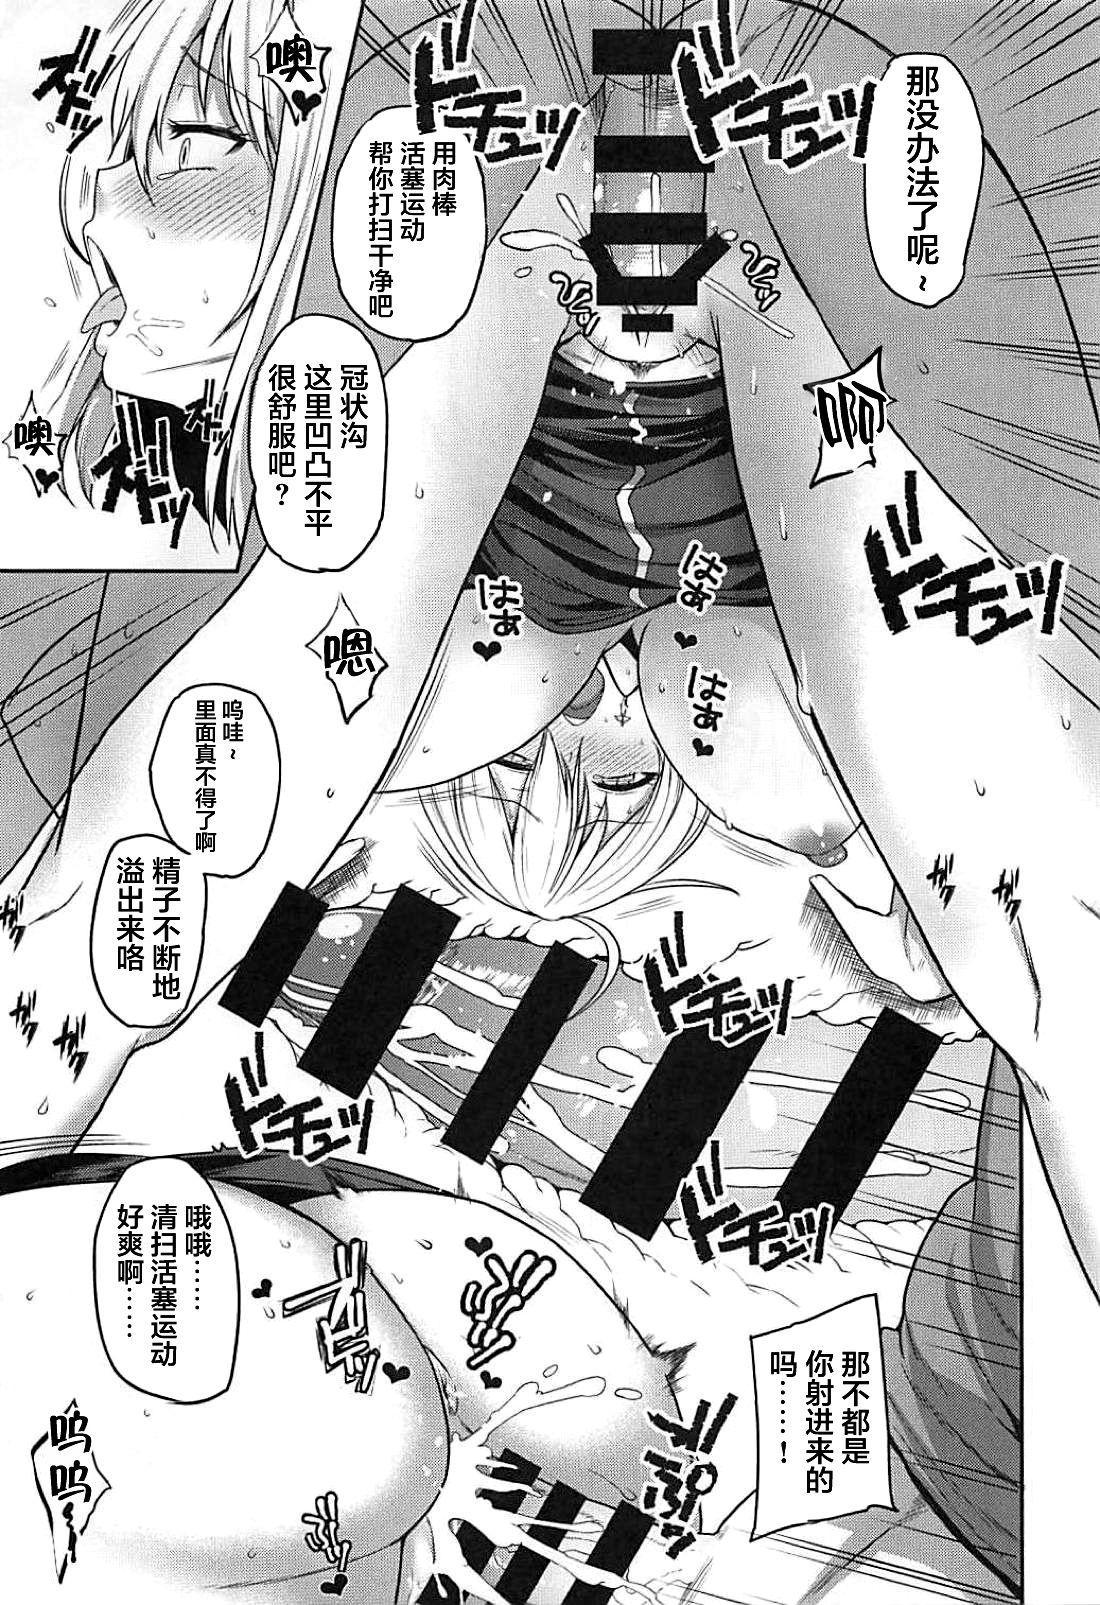 Jeanne to Ippaku Futsuka Ryokou Shitemita 12